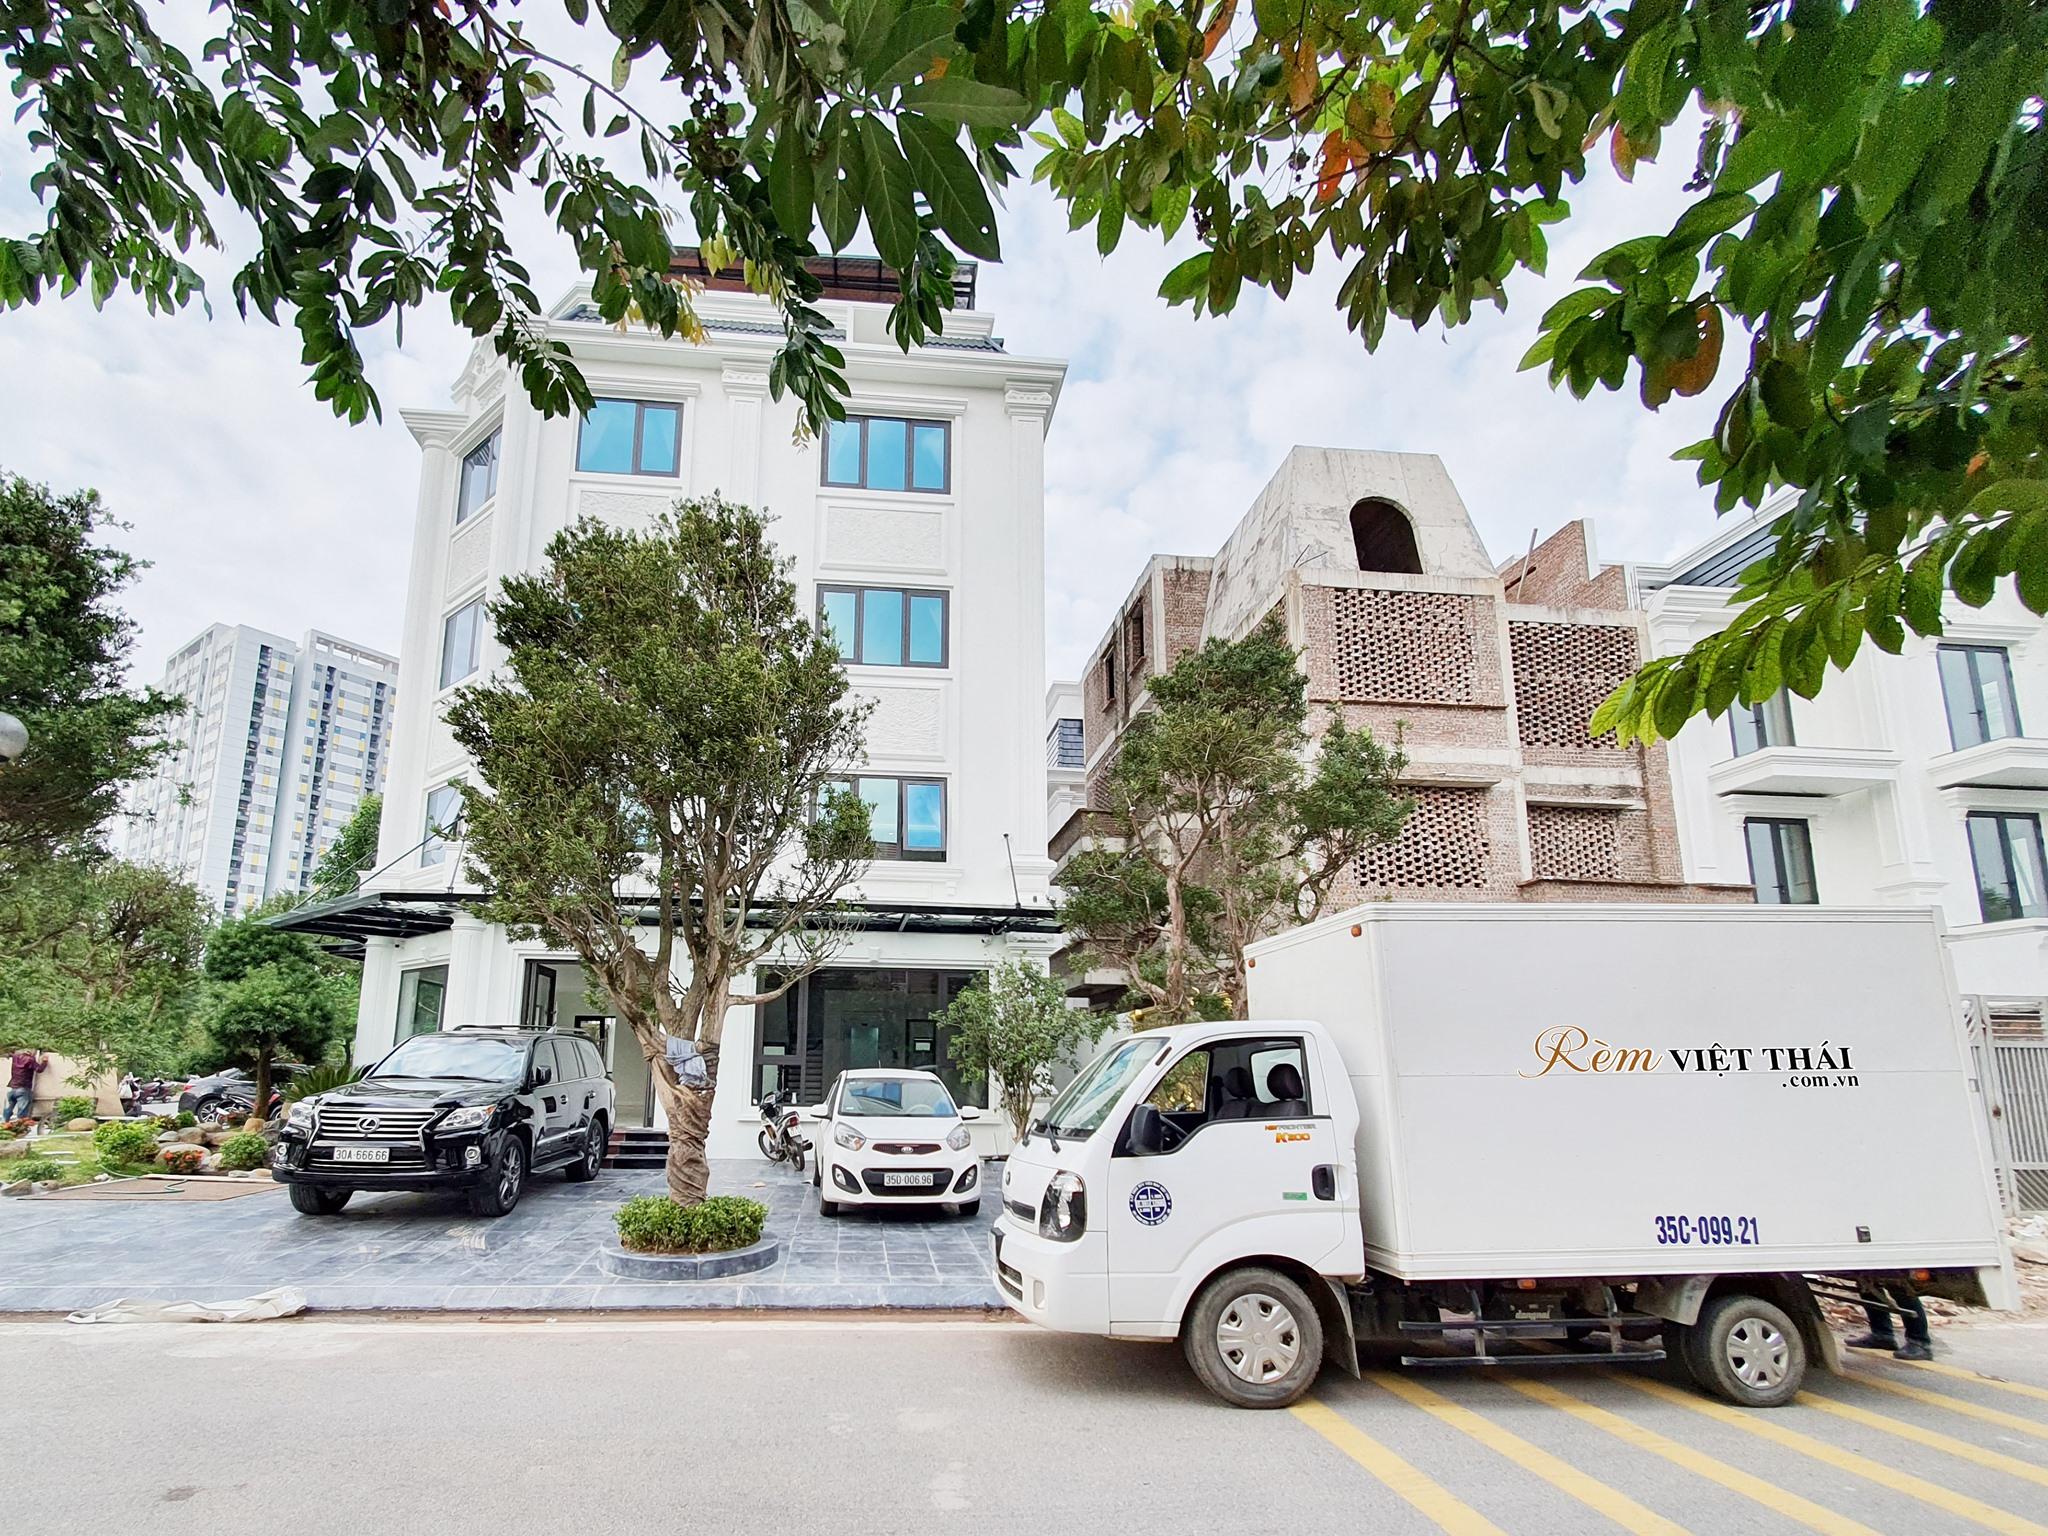 Thi công rèm cửa Biệt thự Bán đảo Linh Đàm – Rèm Việt Thái Ninh Bình